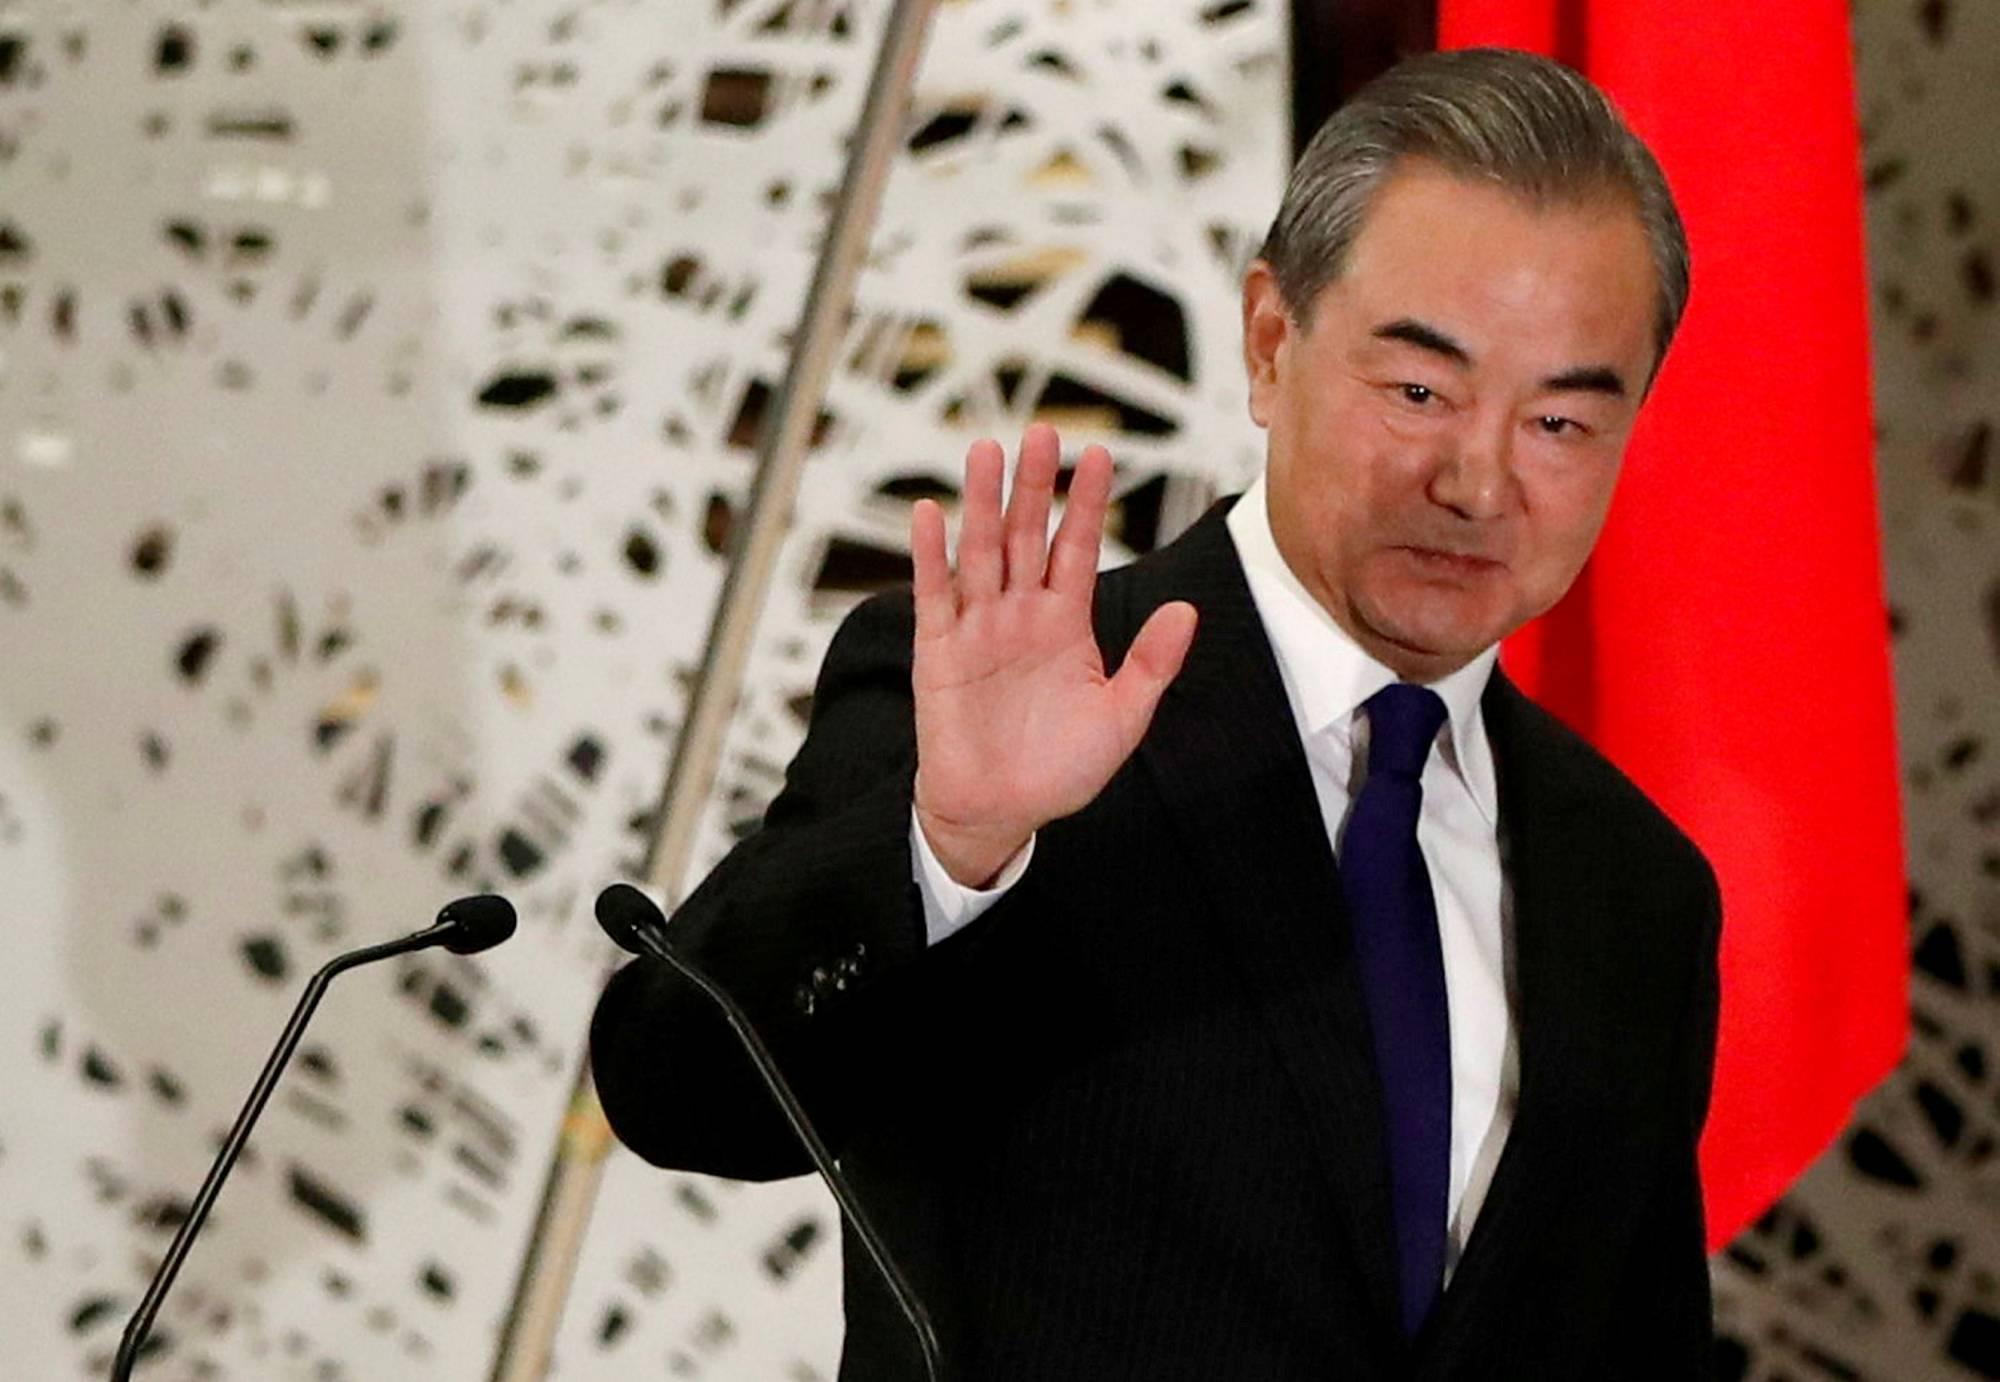 Trung Quốc muốn làm lành với Mỹ dưới thời ông Biden